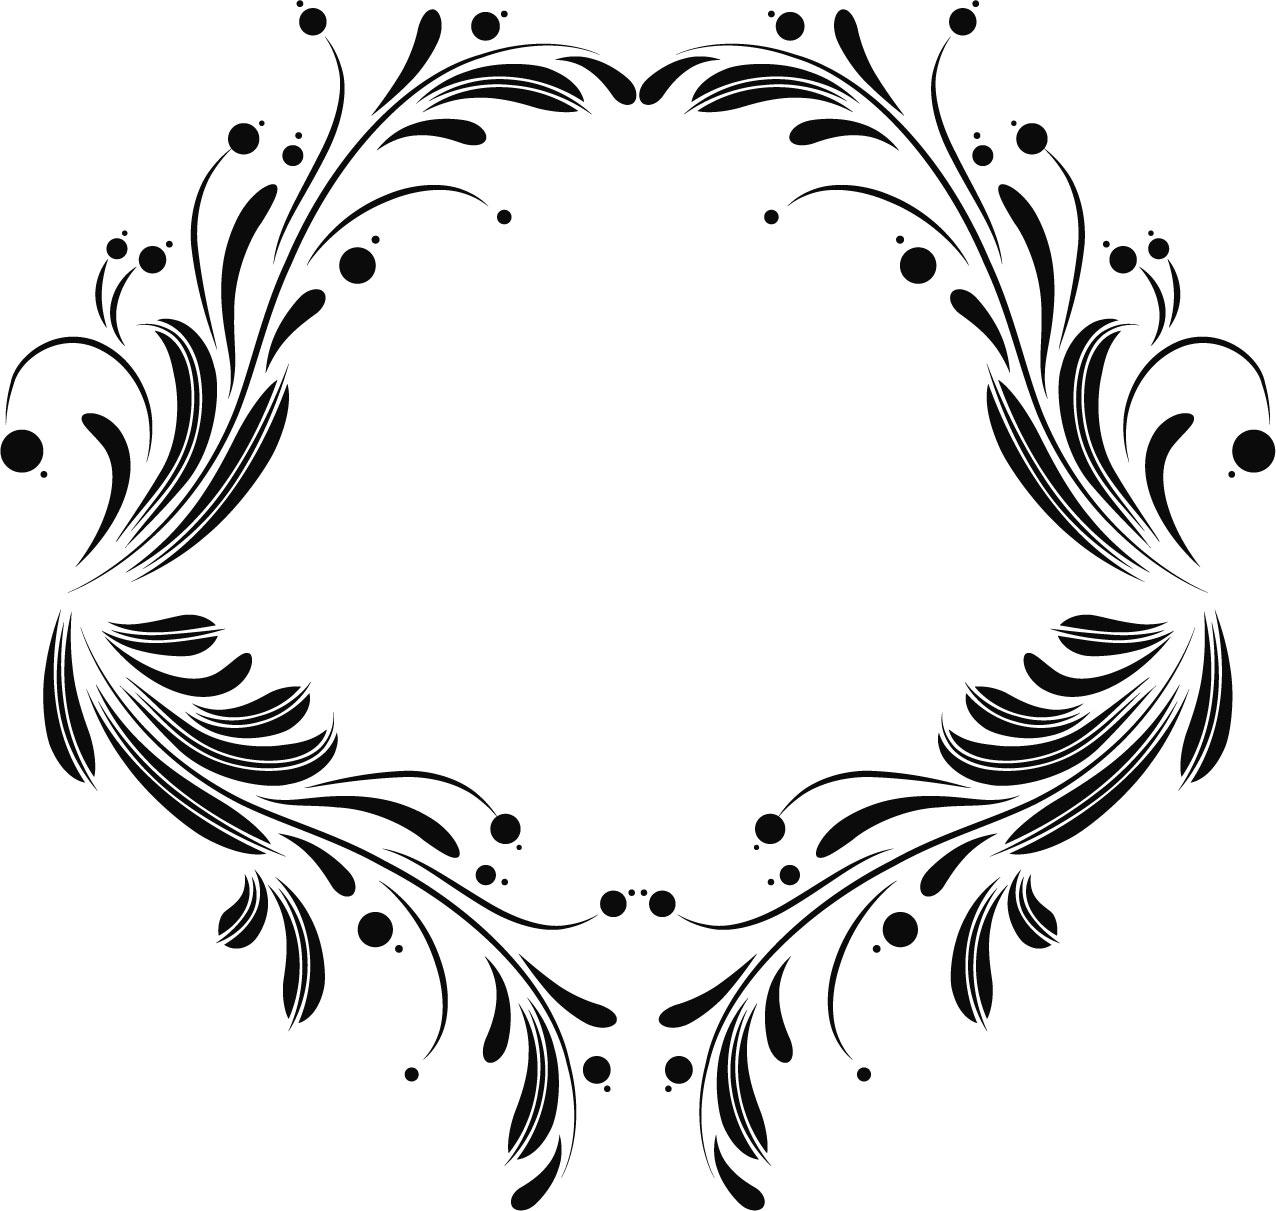 葉っぱや草木のイラスト・写真『フレーム・外枠』/無料のフリー素材集